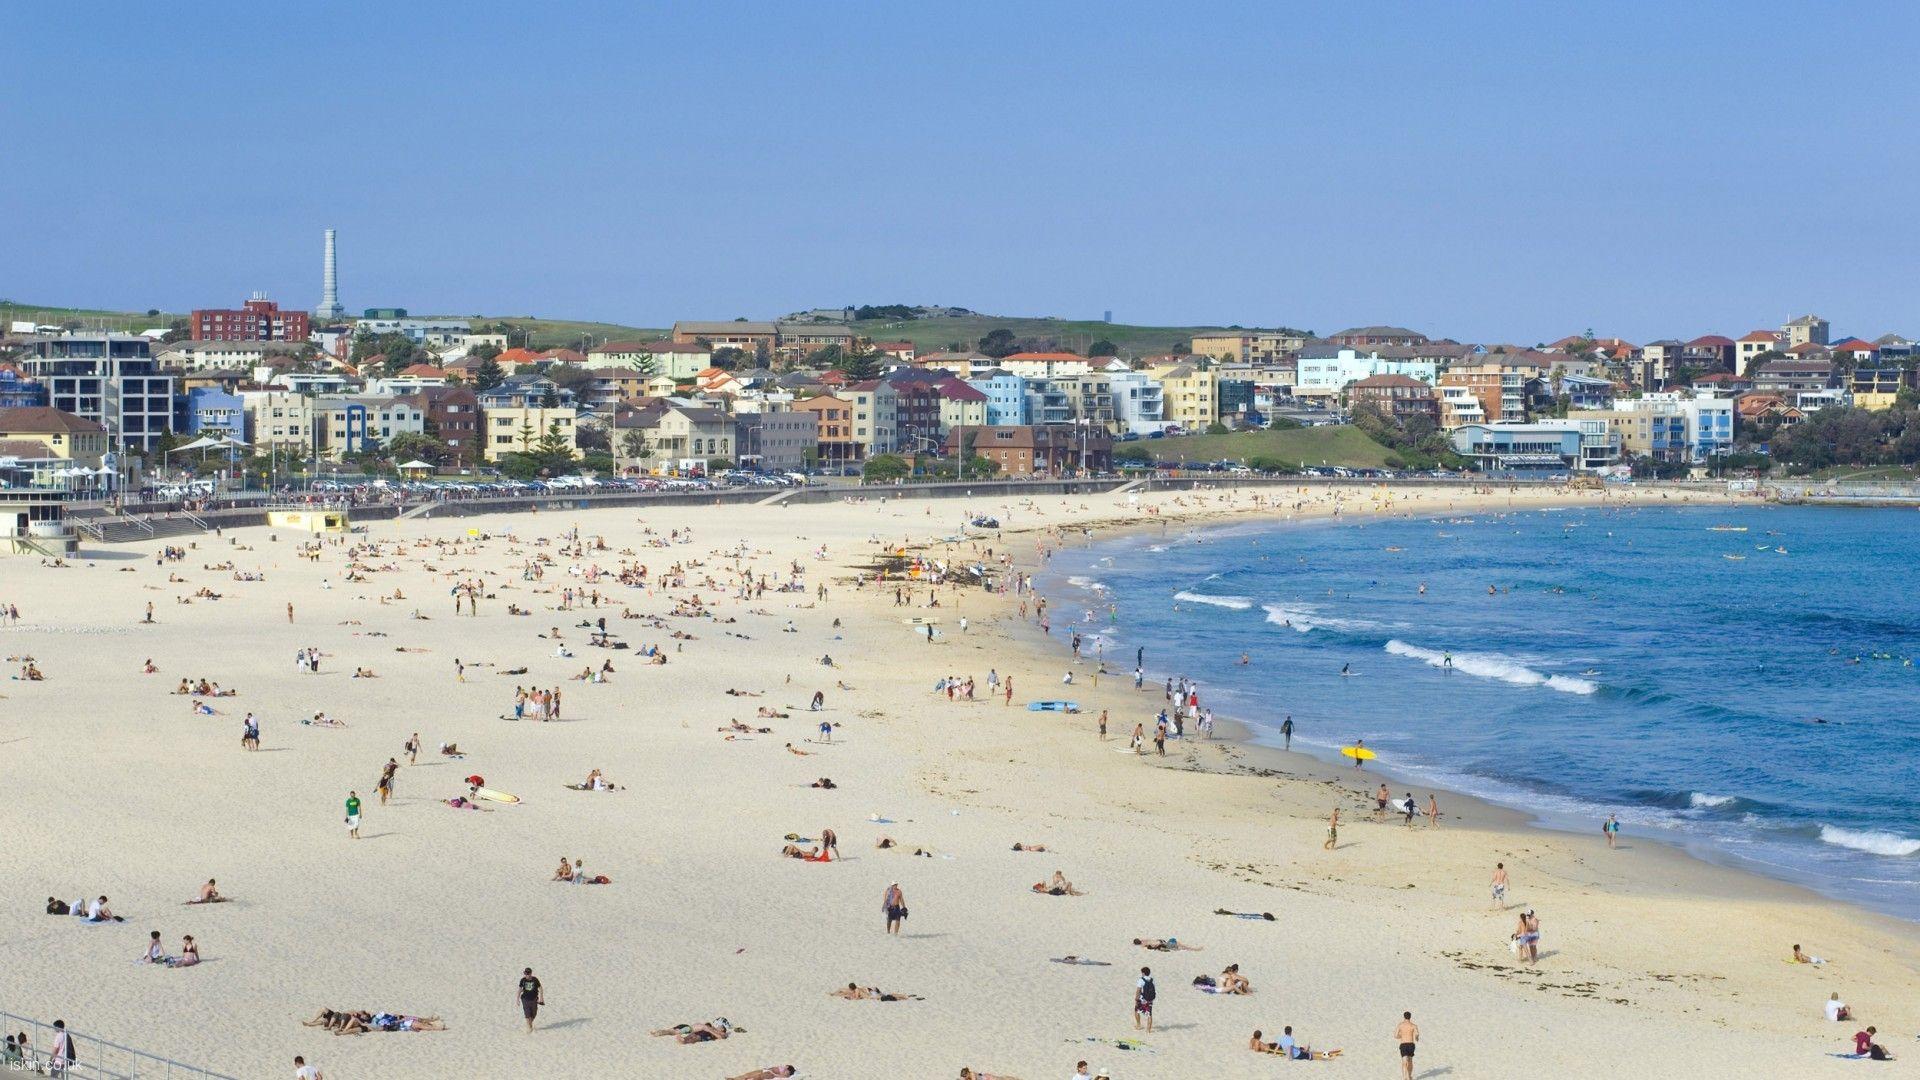 Sydney Bondi Beach Australia